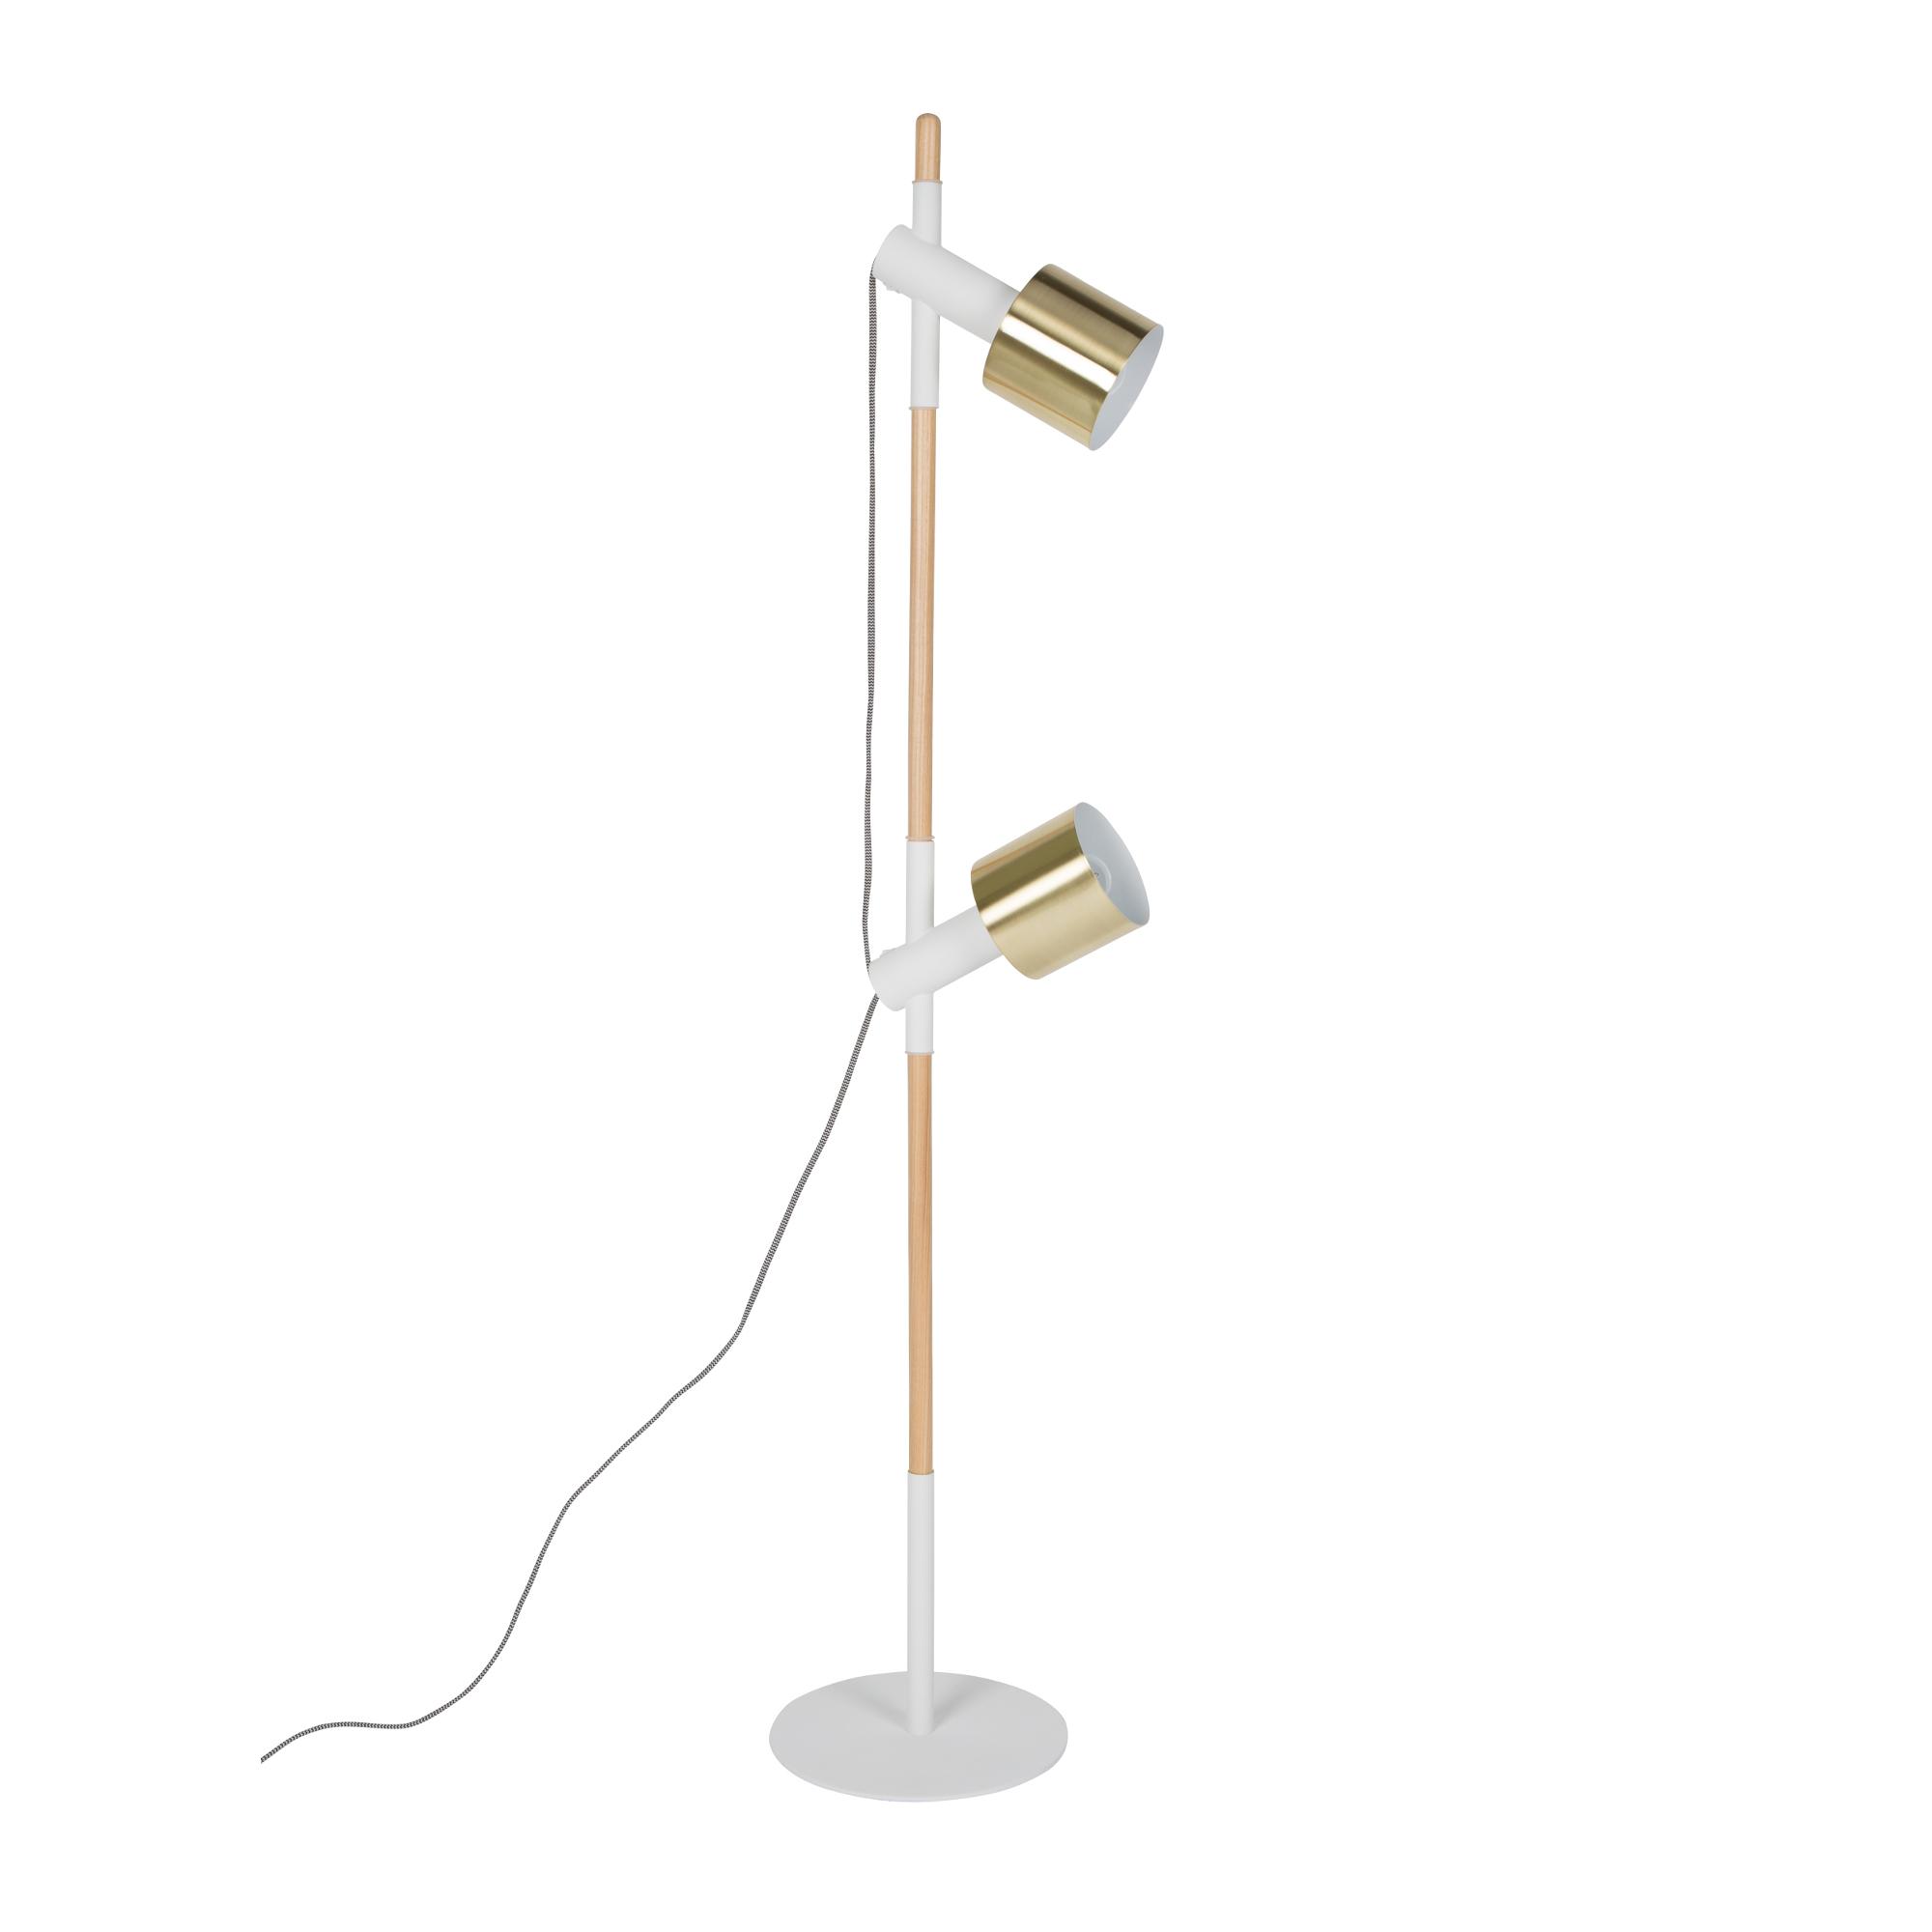 Ivy Stehleuchte - SK155 - orange - mit Lehne (OT W H 1N) | Lampen > Stehlampen > Standleuchten | Orange | Eisen | Zuiver